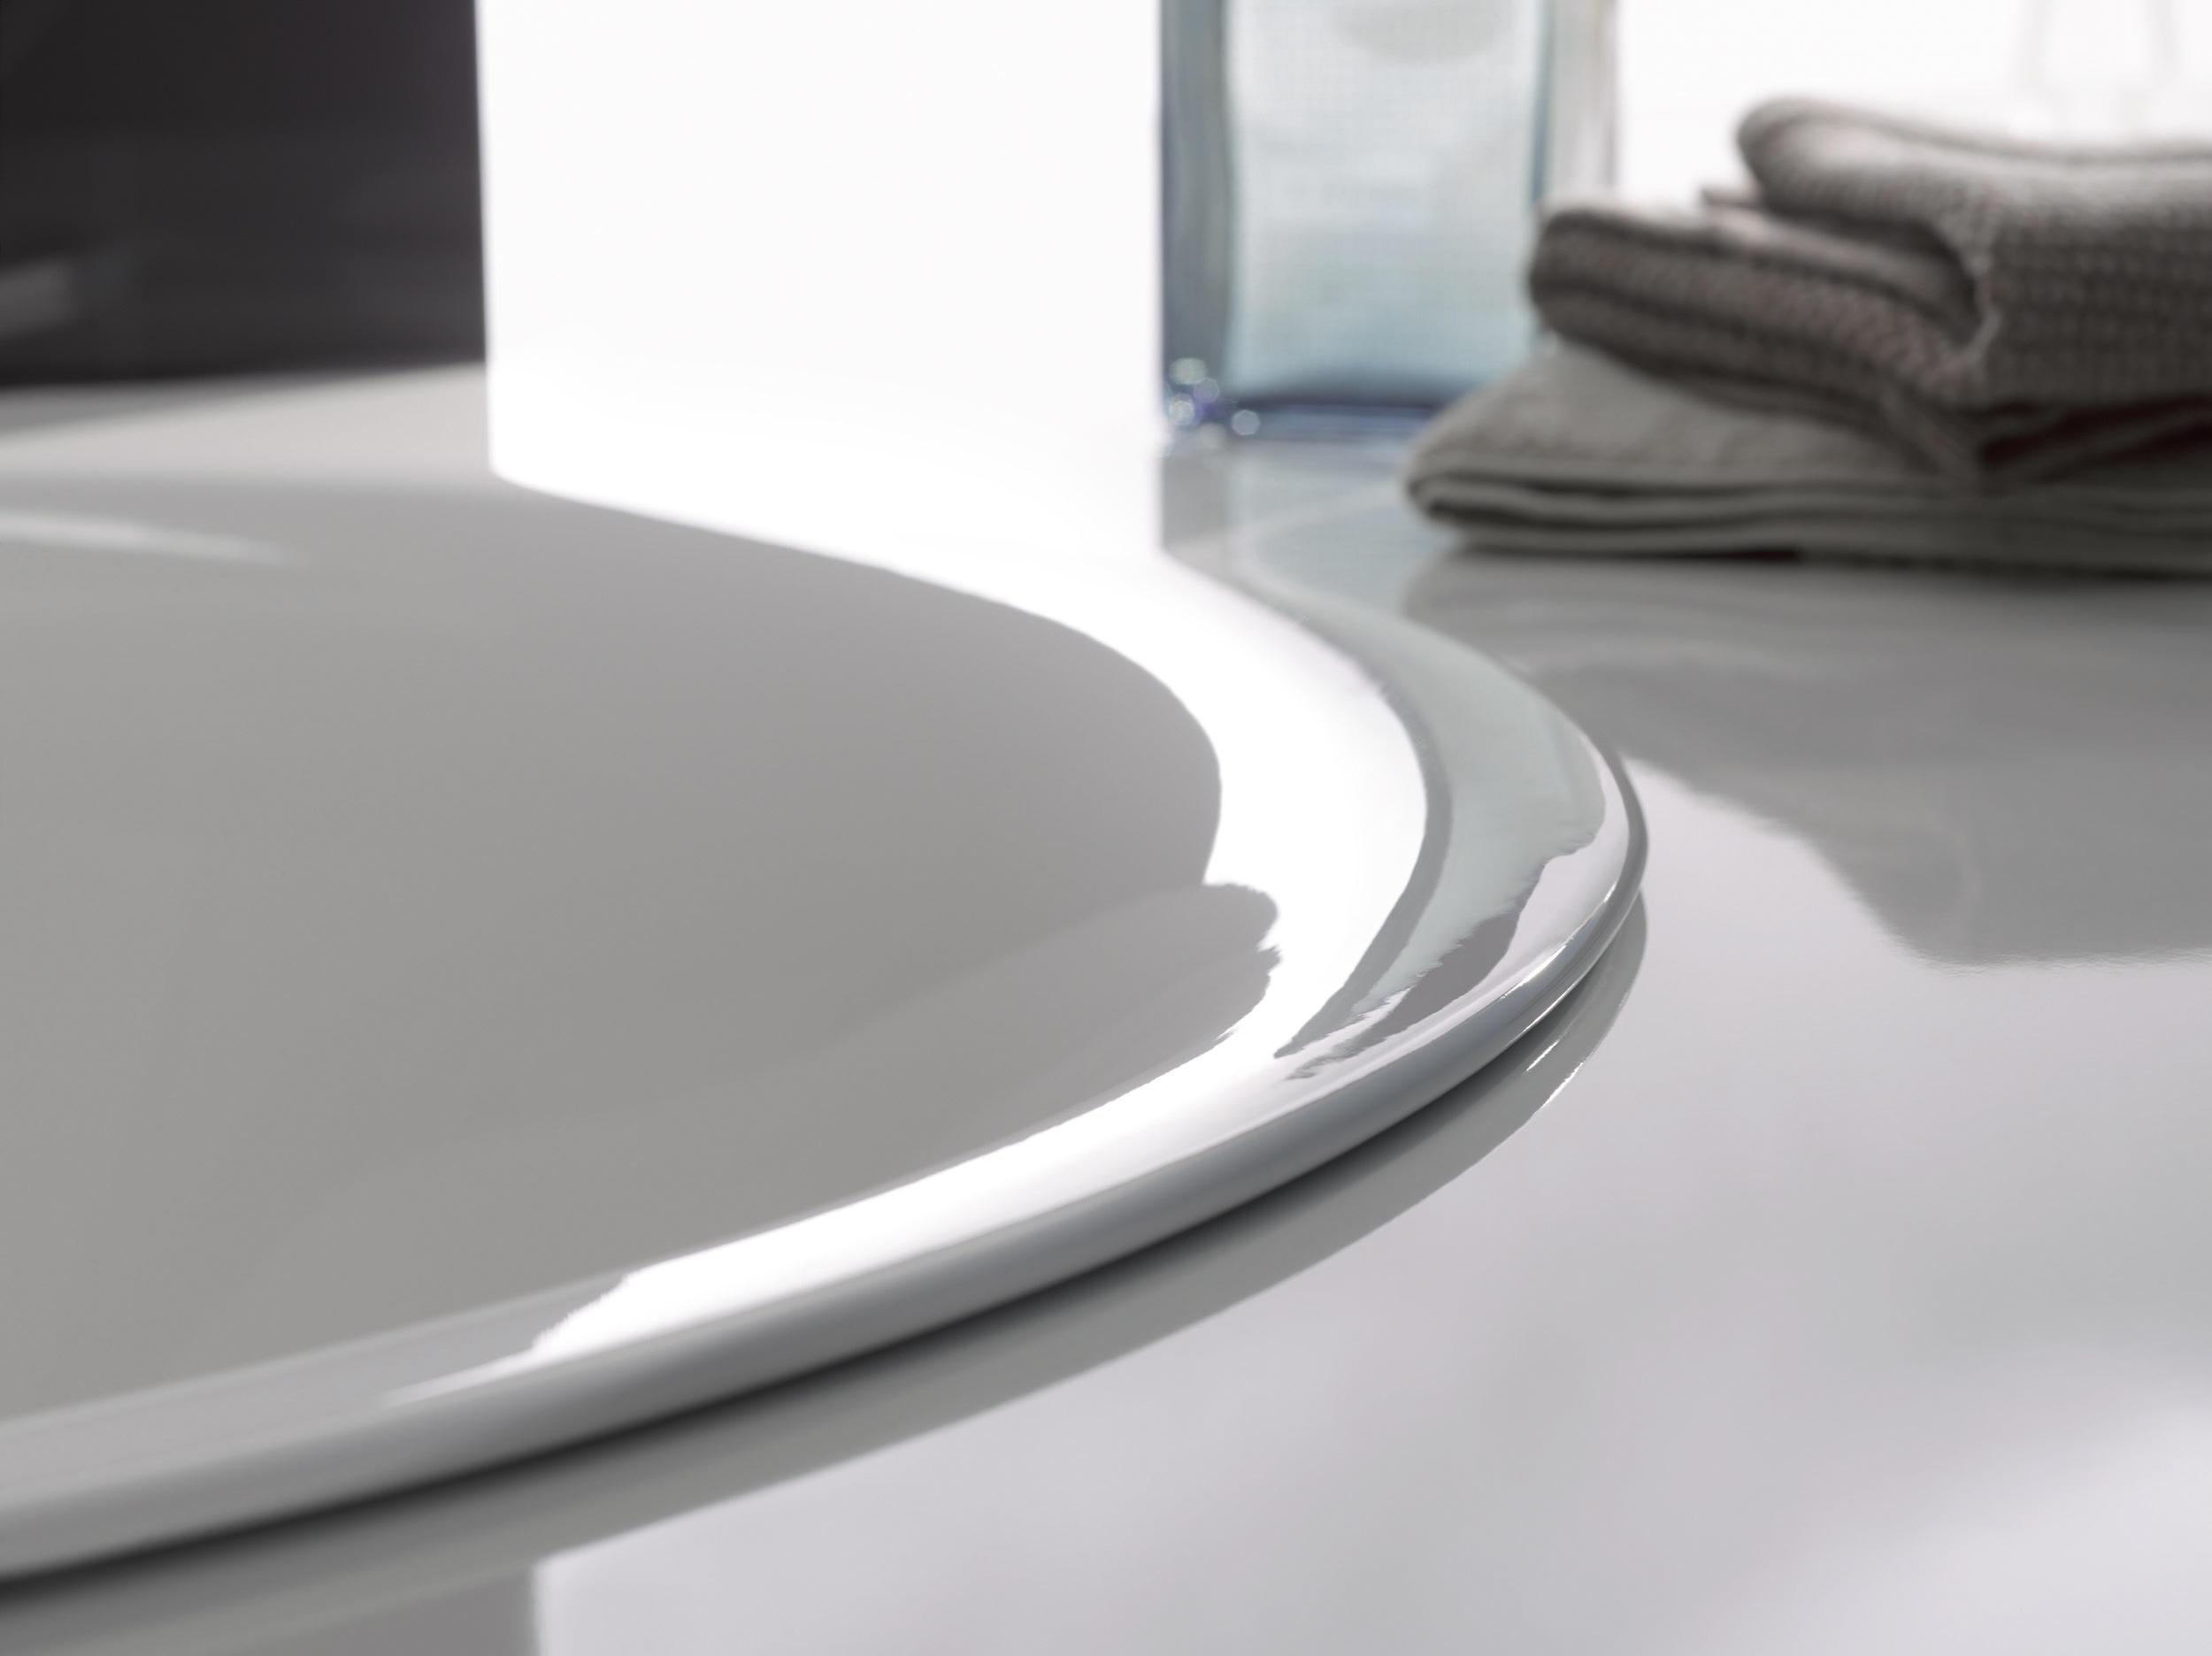 ovale badewanne verkleiden, bettelux oval - waschtische von bette | architonic, Design ideen